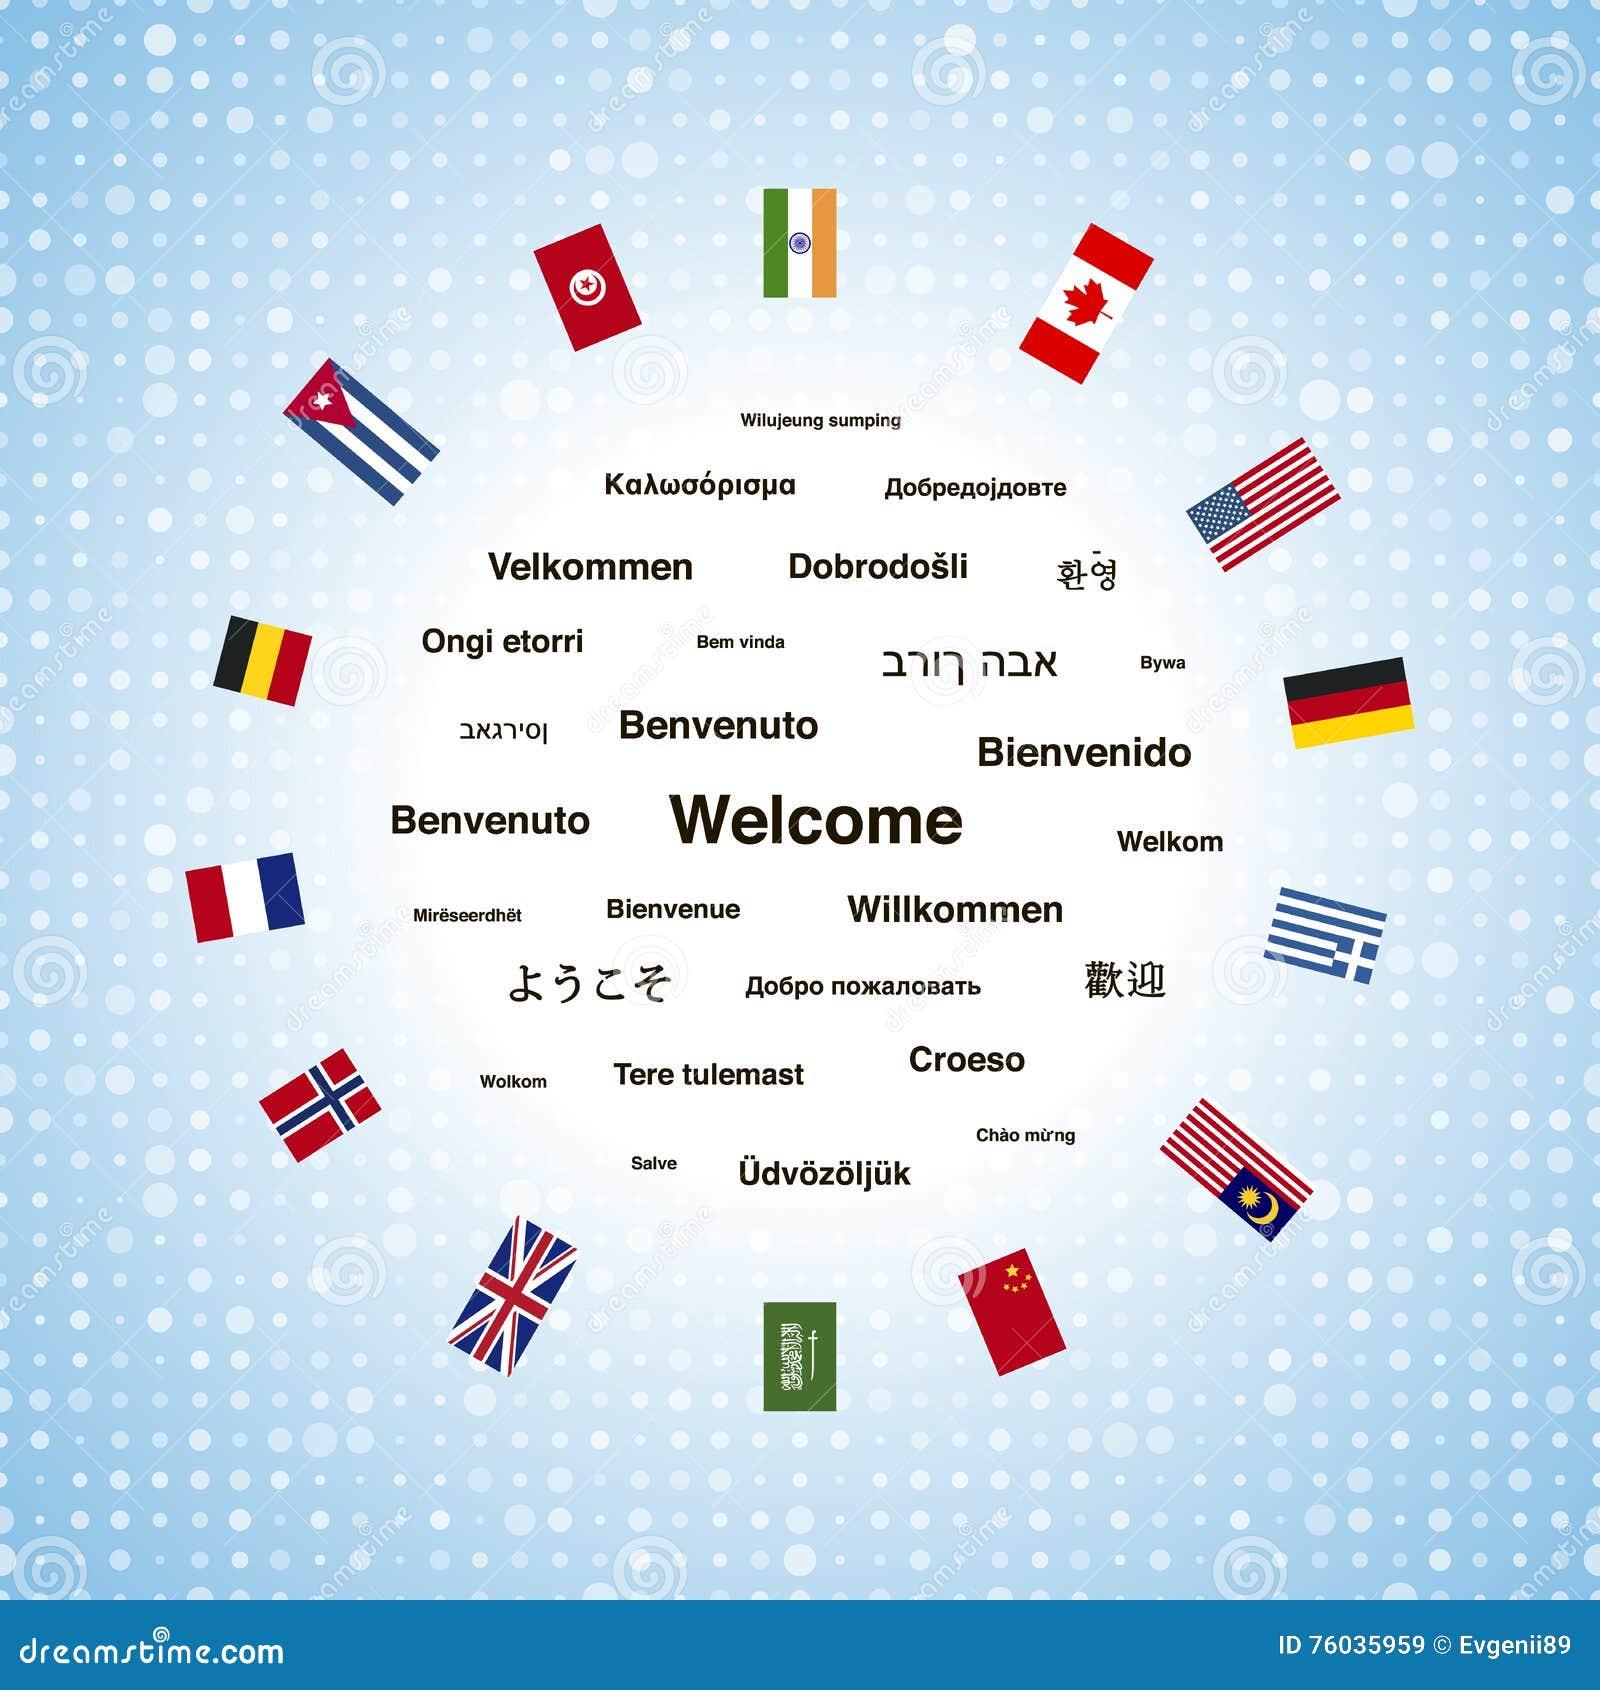 Zwarte welkome uitdrukkingen in verschillende talen van de de wereld en vlaggen van landen - Bank thuismarkten van de wereld ...